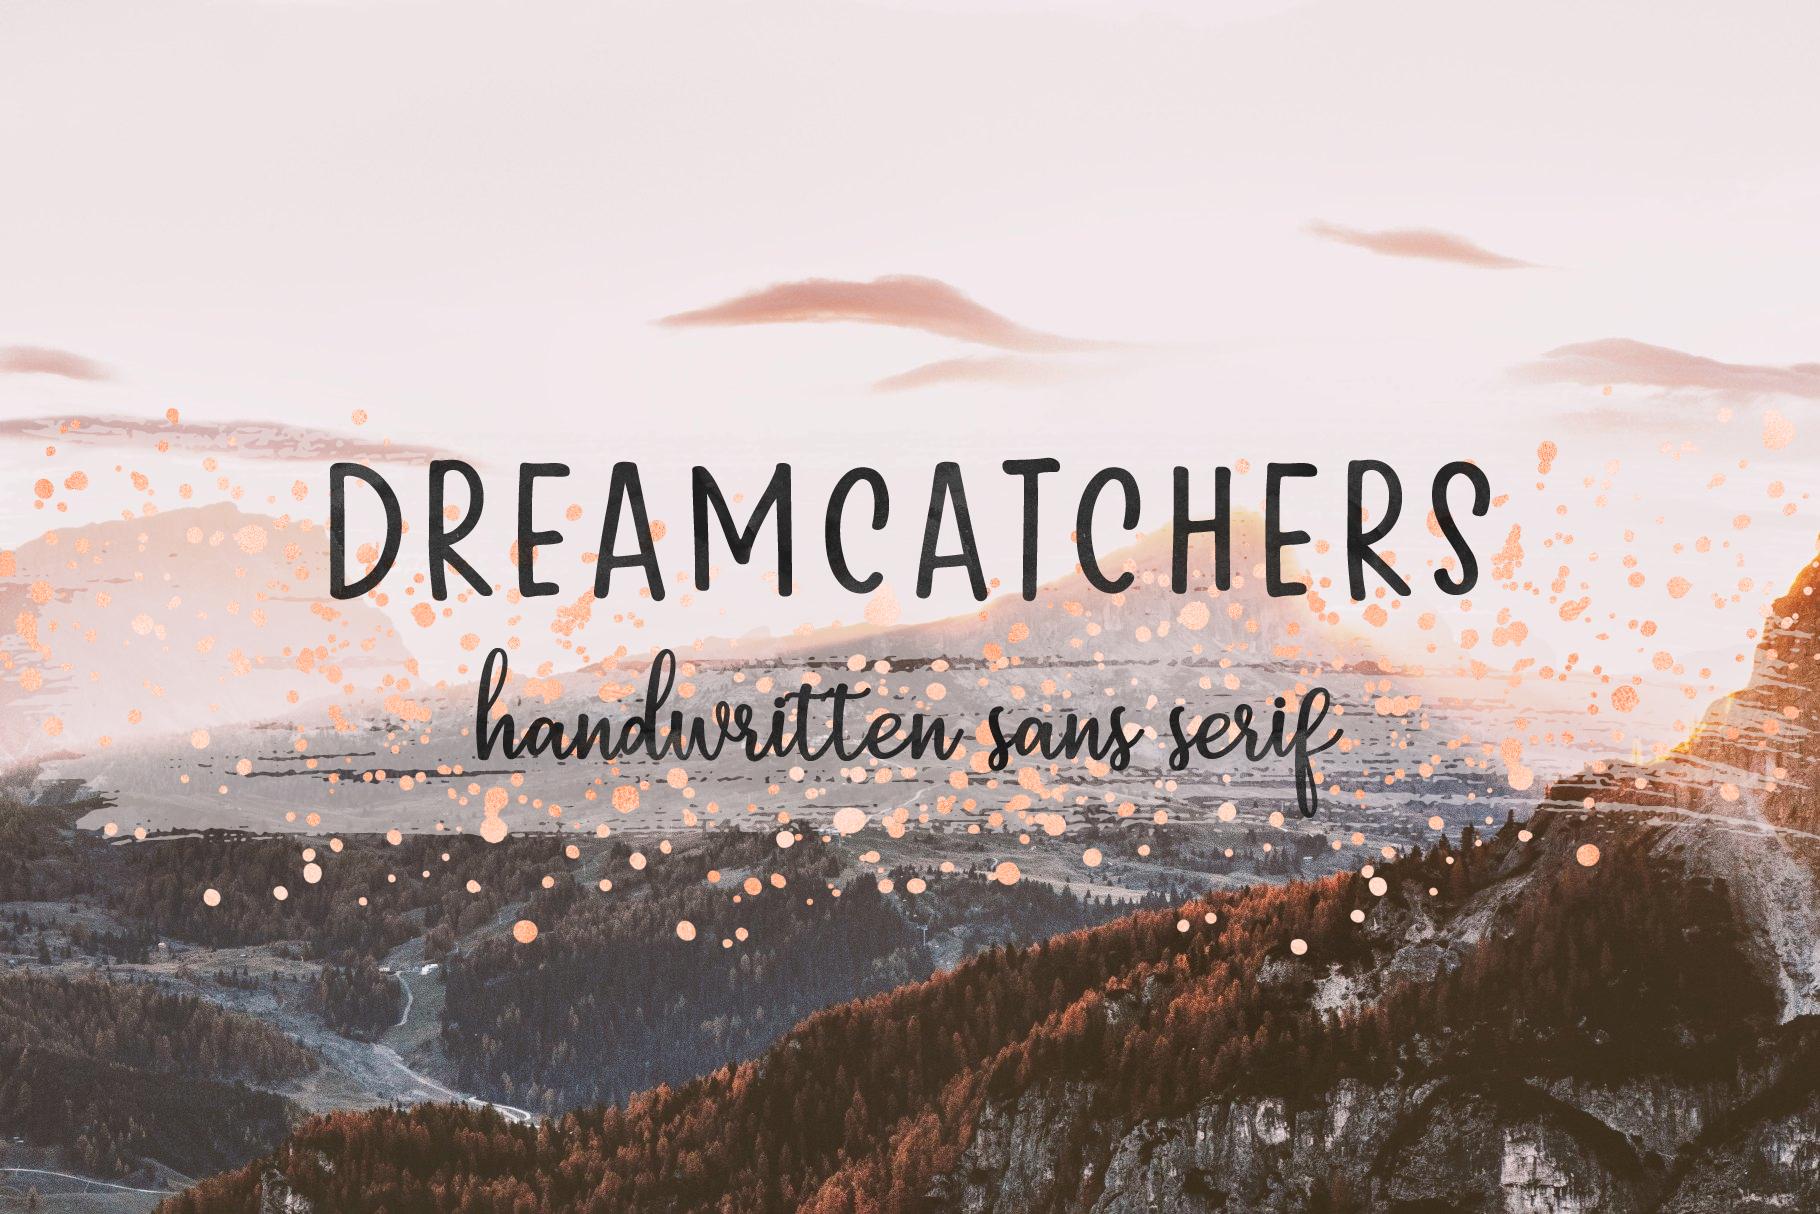 Dreamcatchers | A Playful Sans Serif example image 1